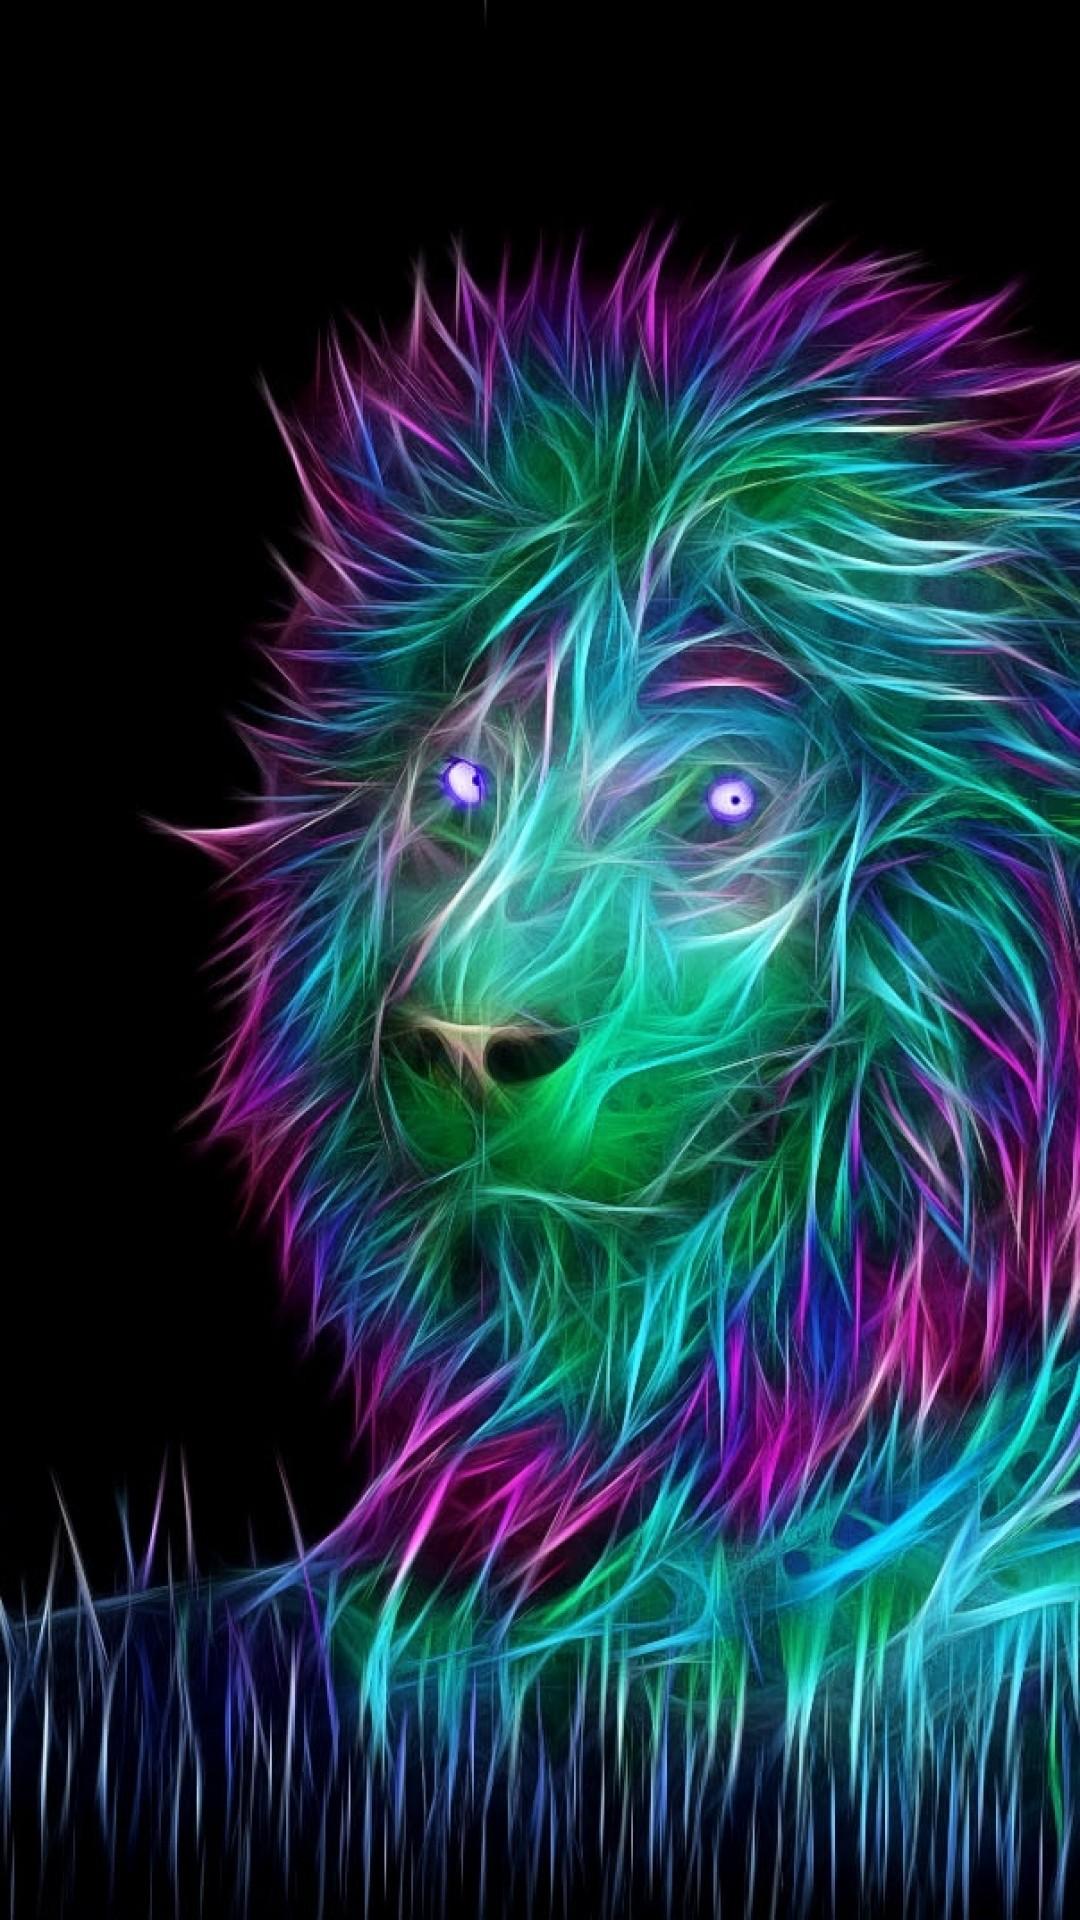 Abstract 3D Art Lion iPhone 8 wallpaper